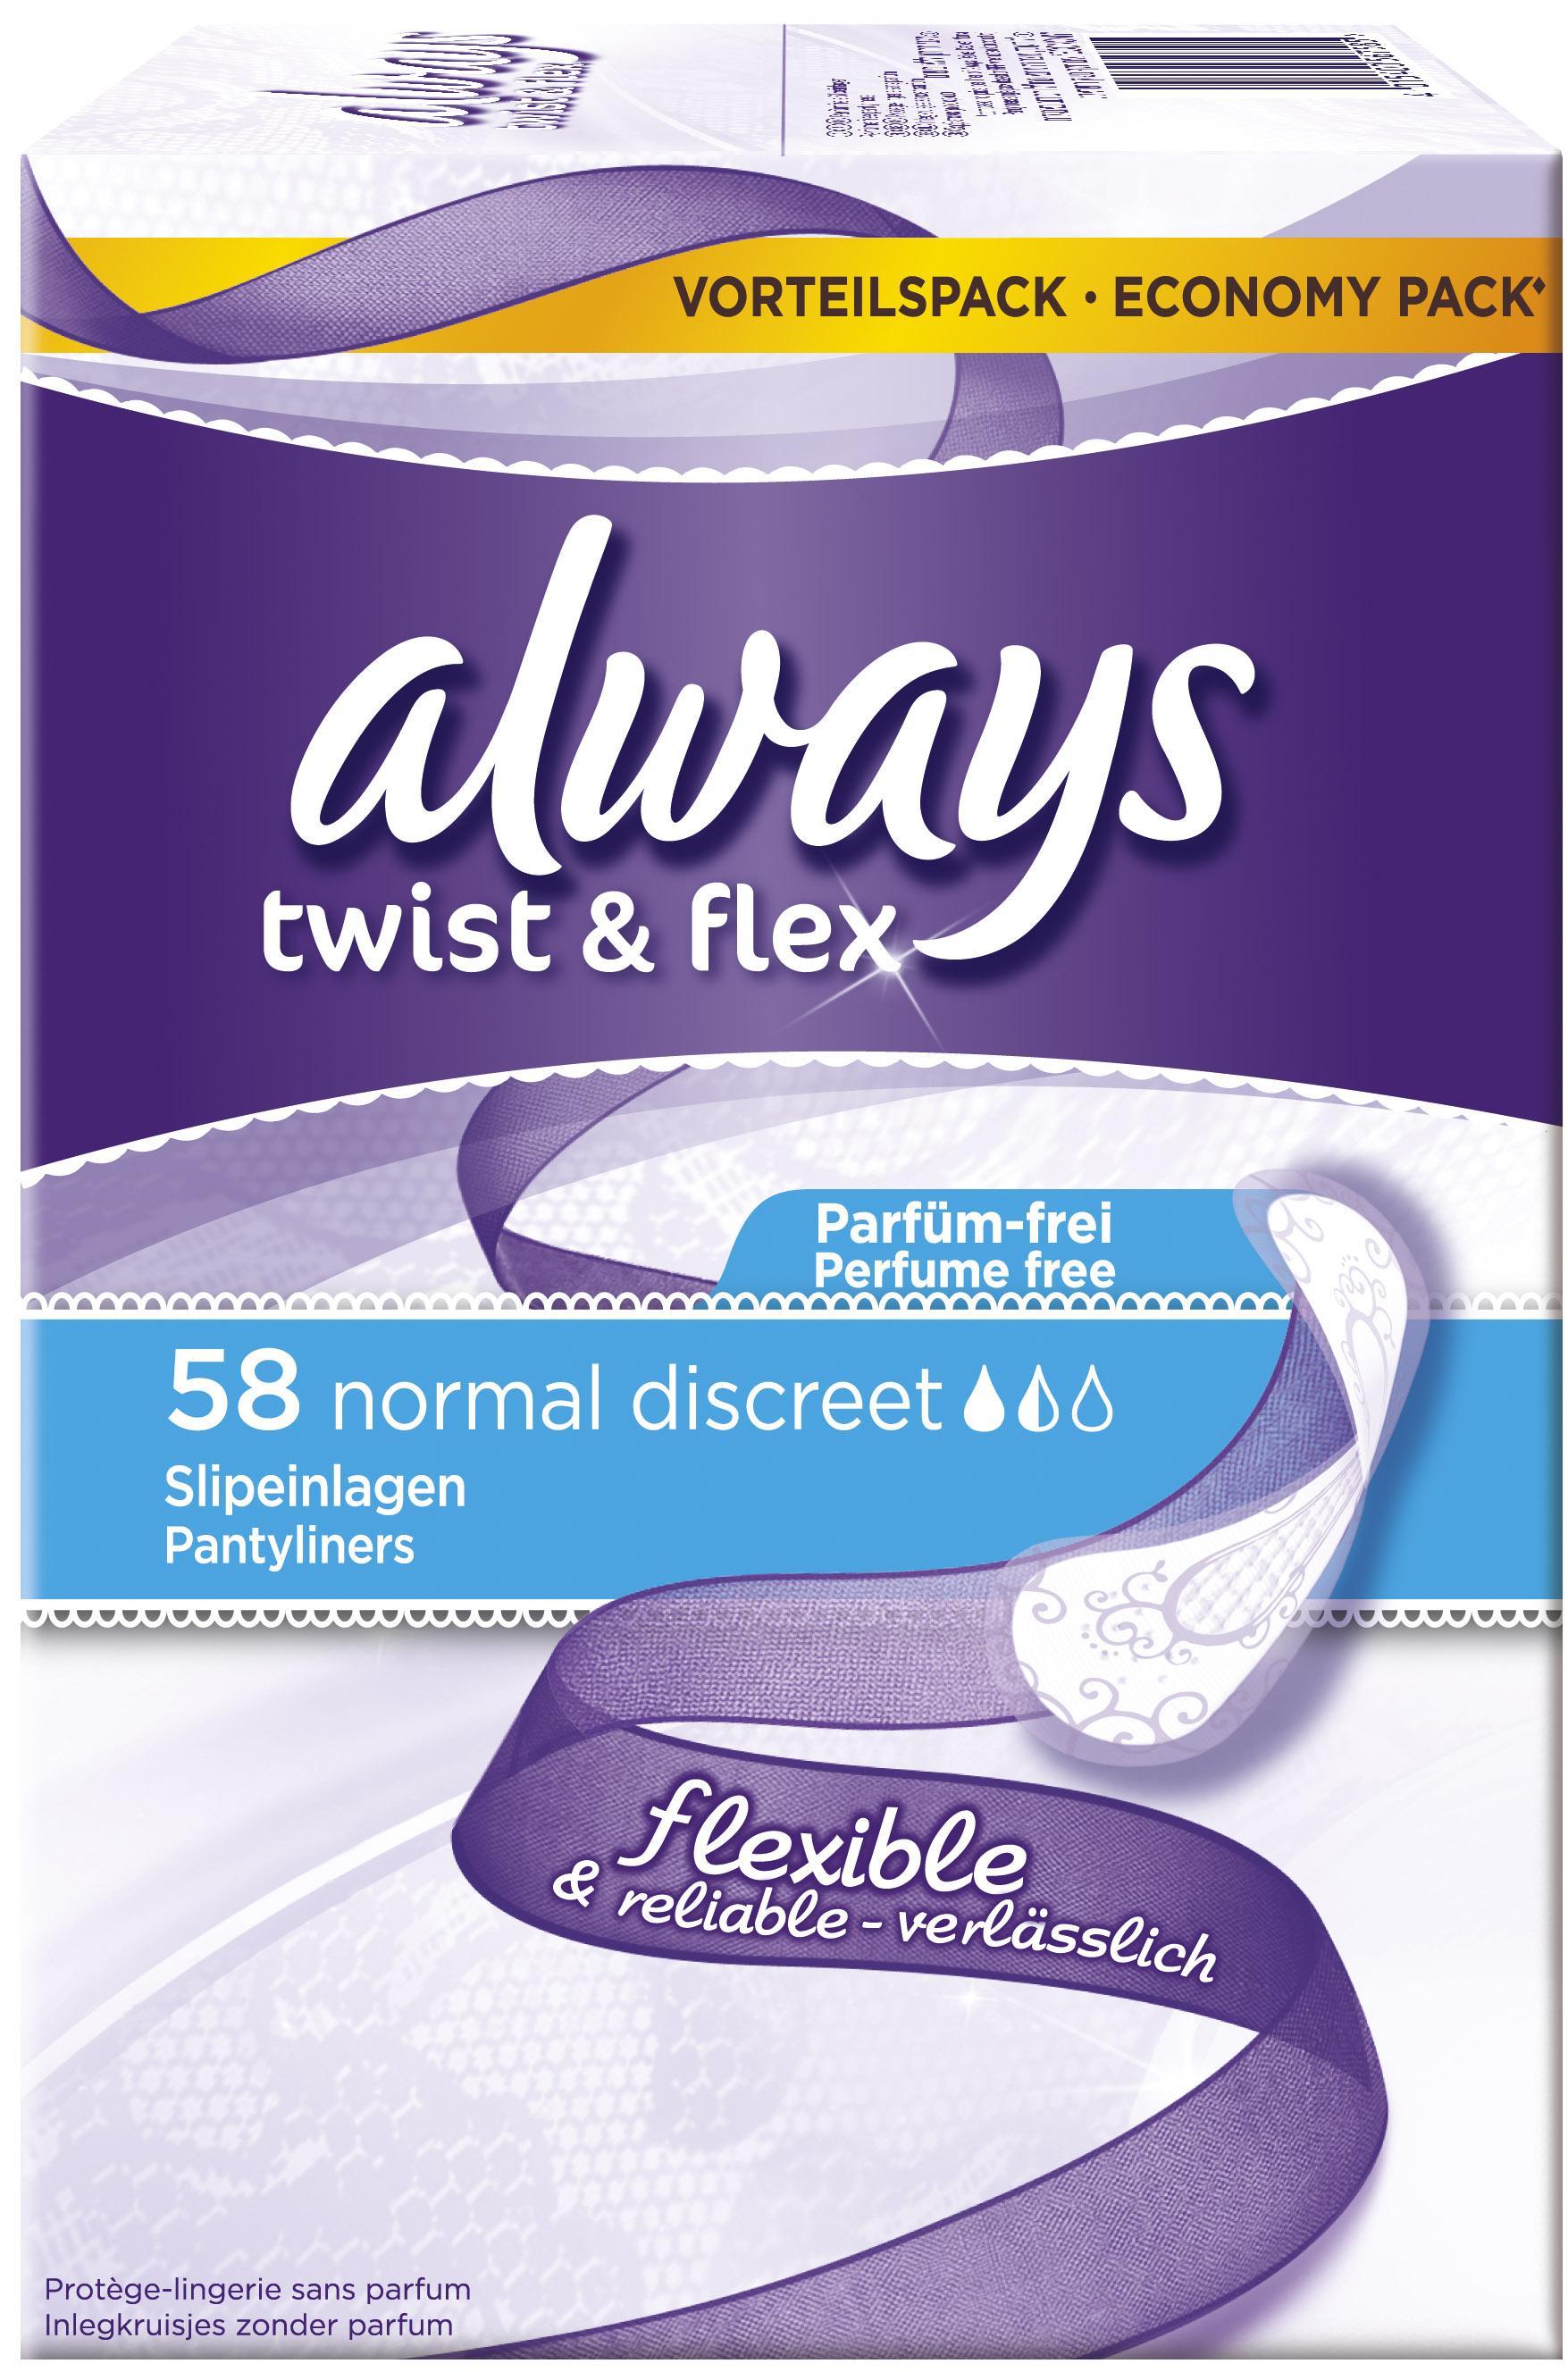 Slipeinlage Twist & Flex Normal Fresh Discreet Vorteilspack 58, Testwochen,